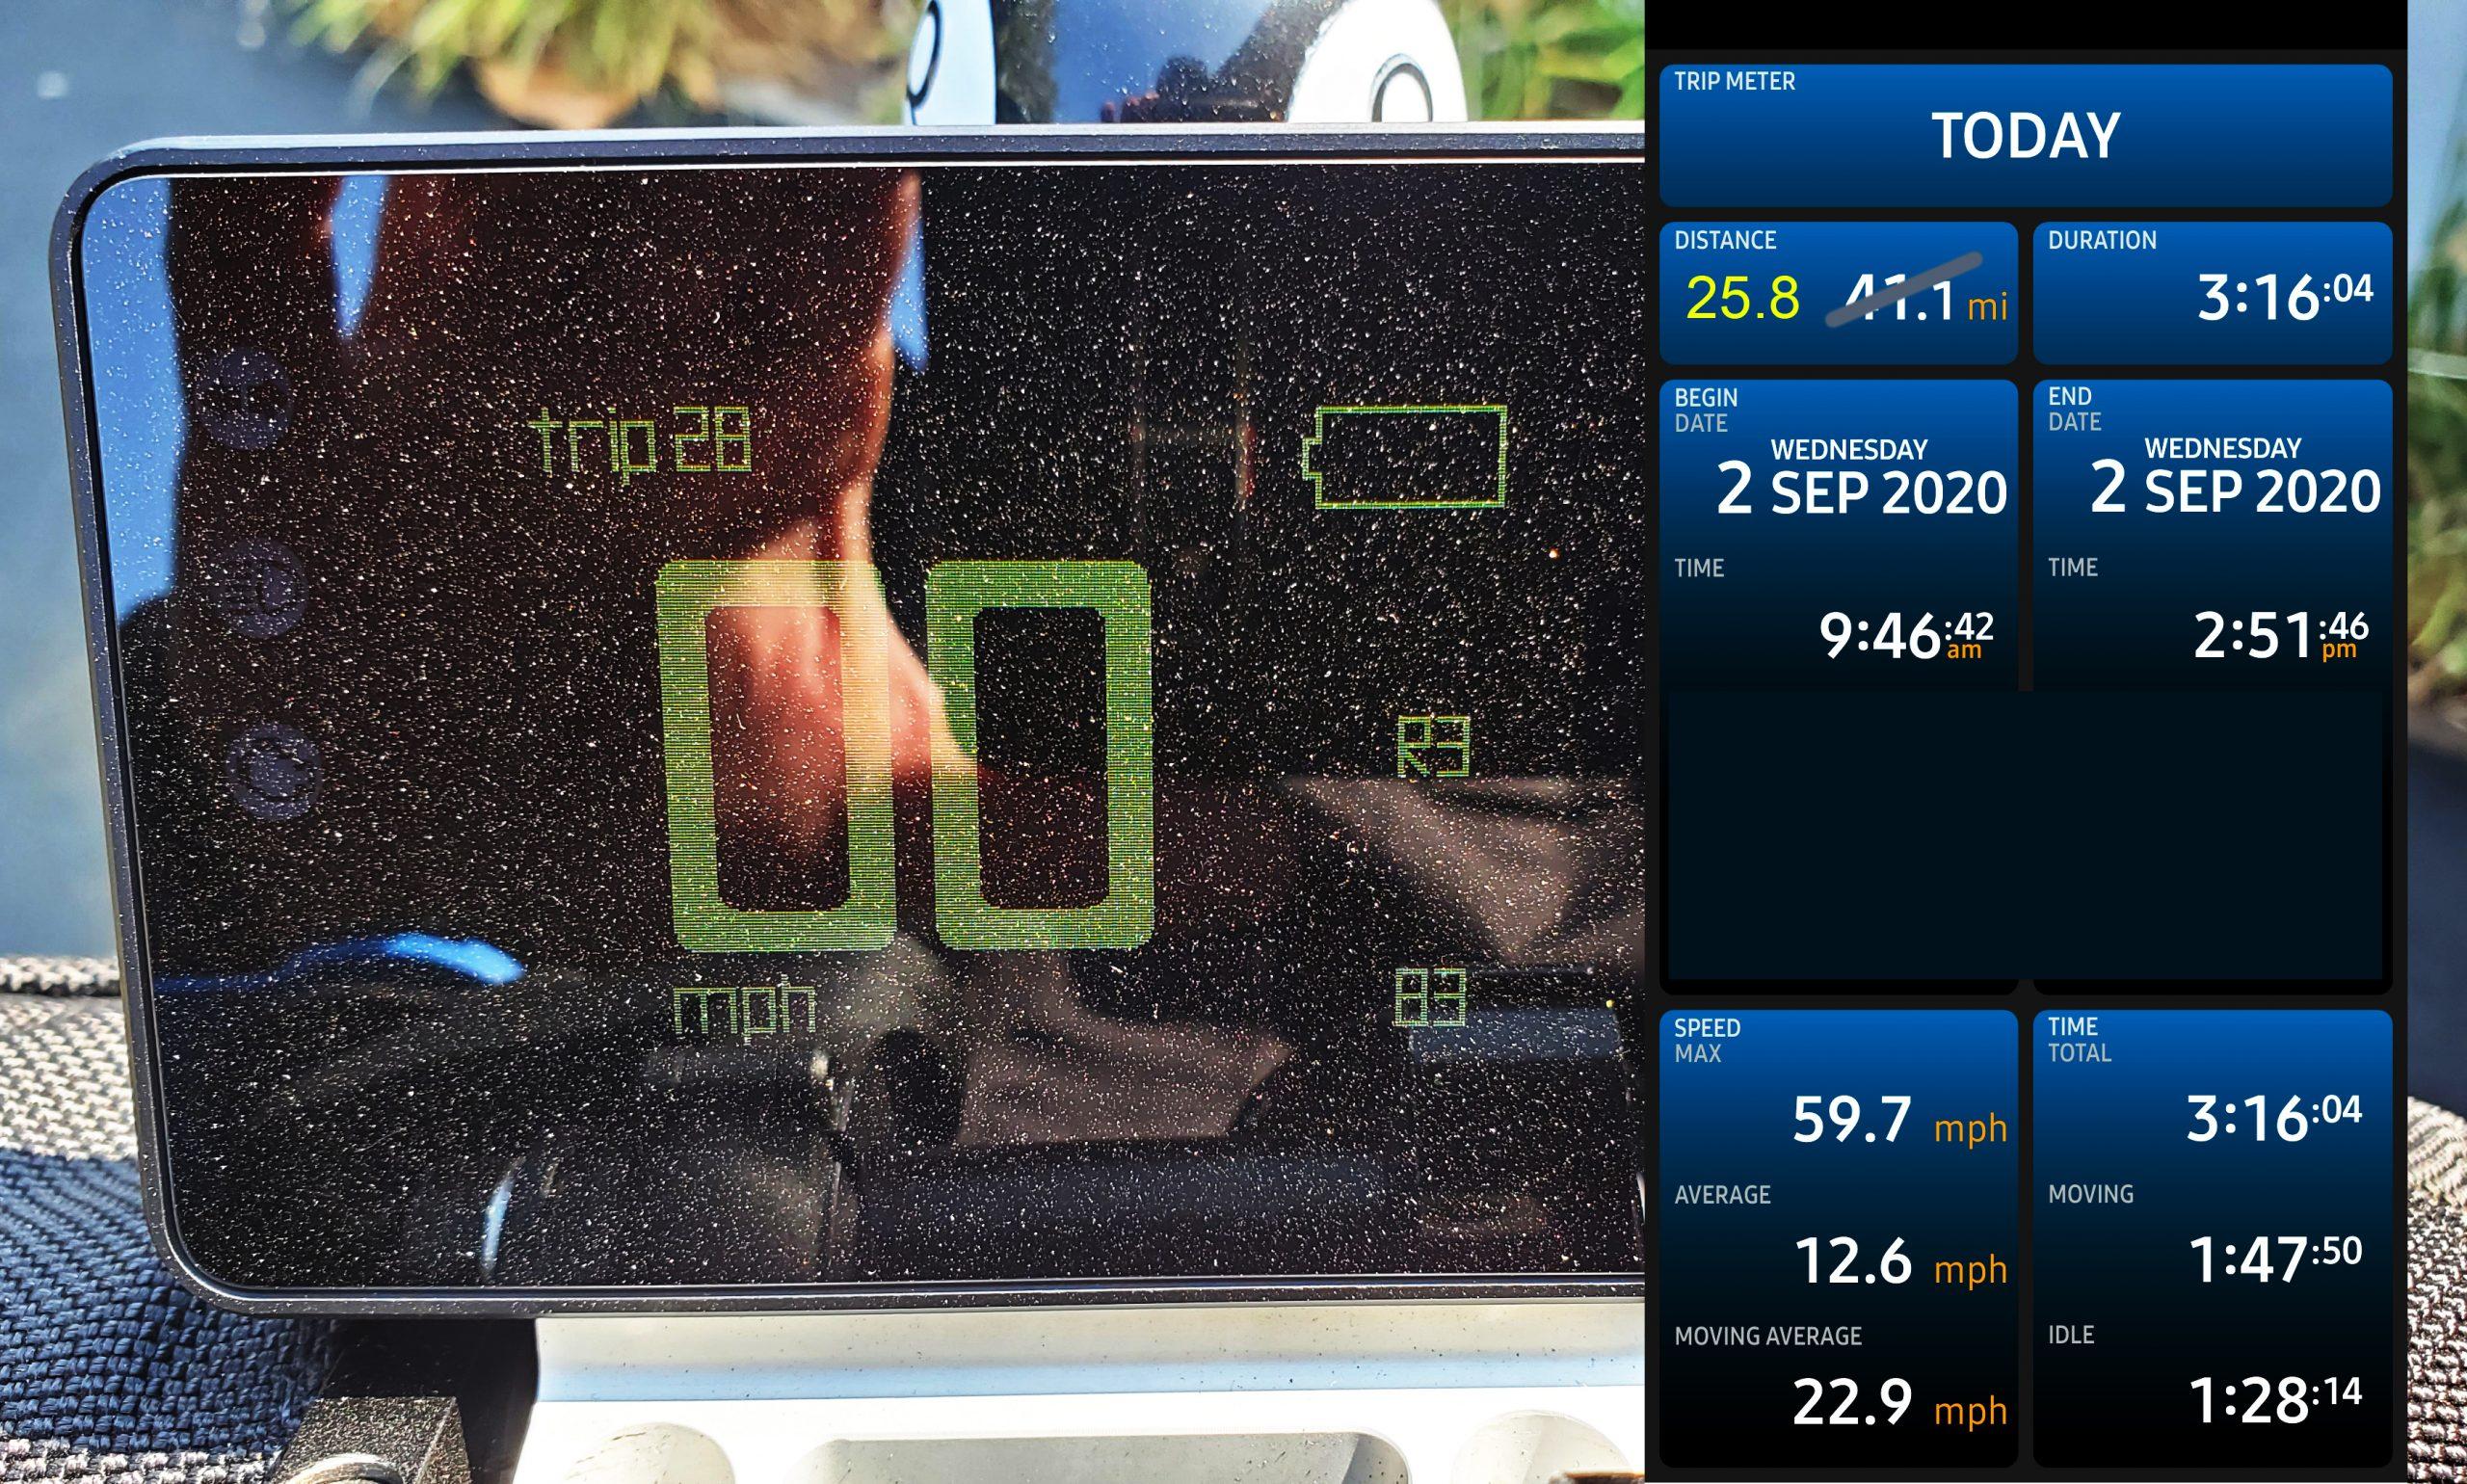 Mark's GPS tracker